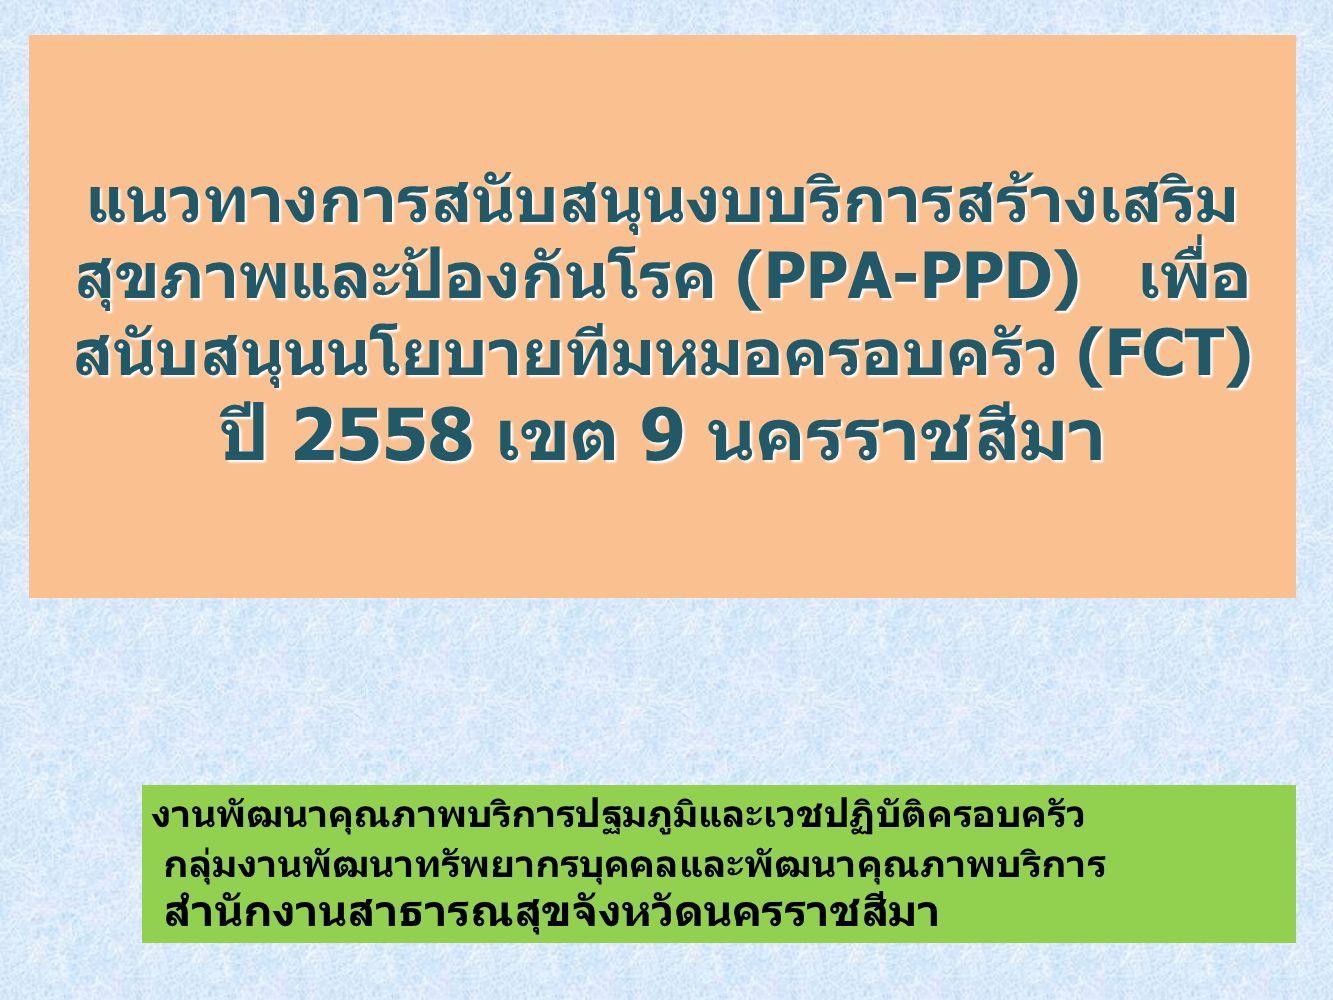 แนวทางการสนับสนุนงบบริการสร้างเสริม สุขภาพและป้องกันโรค (PPA-PPD) เพื่อ สนับสนุนนโยบายทีมหมอครอบครัว (FCT) ปี 2558 เขต 9 นครราชสีมา งานพัฒนาคุณภาพบริการปฐมภูมิและเวชปฏิบัติครอบครัว กลุ่มงานพัฒนาทรัพยากรบุคคลและพัฒนาคุณภาพบริการ สำนักงานสาธารณสุขจังหวัดนครราชสีมา